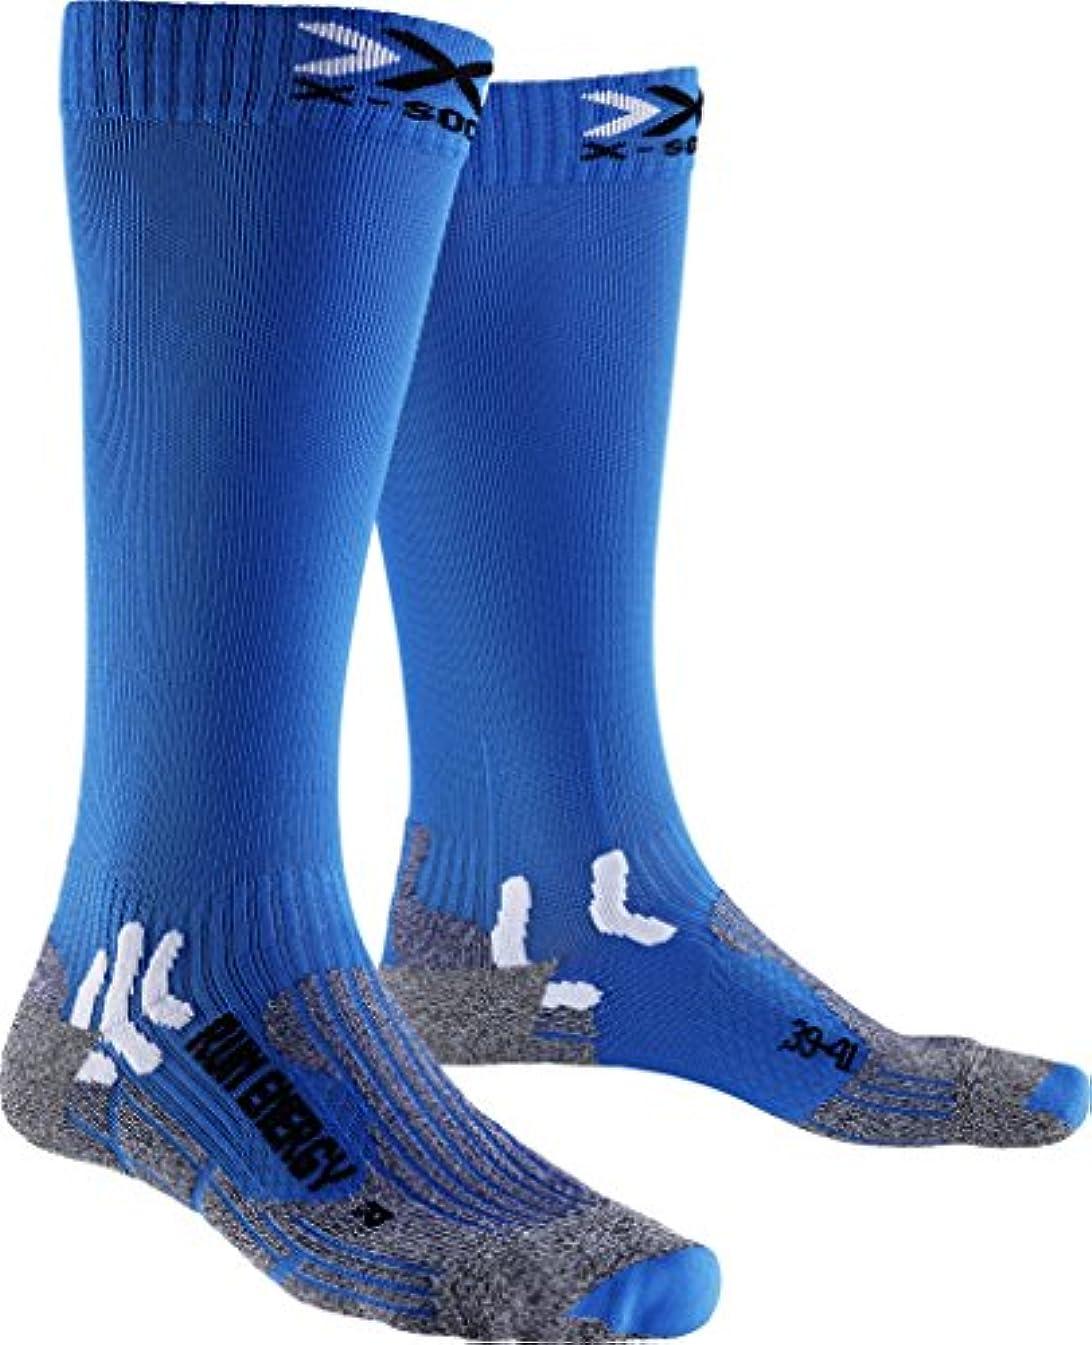 力強いエンジンキャロラインメンズとレディース1ペアx-socks実行Energiser圧縮ソックス